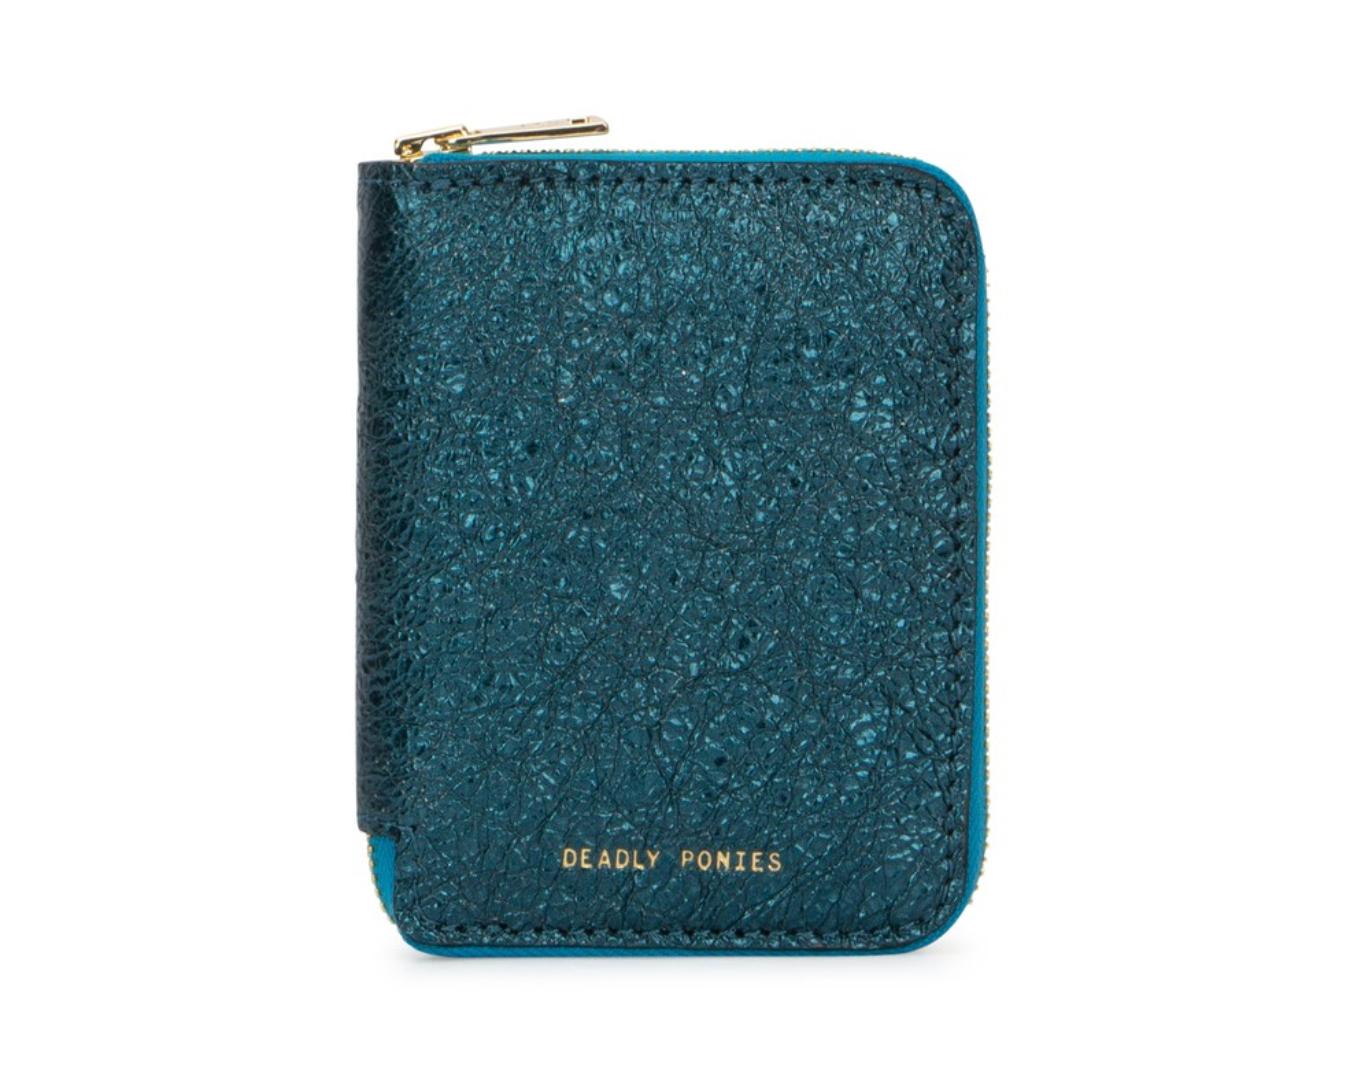 A glitzy blue mini metallic wallet